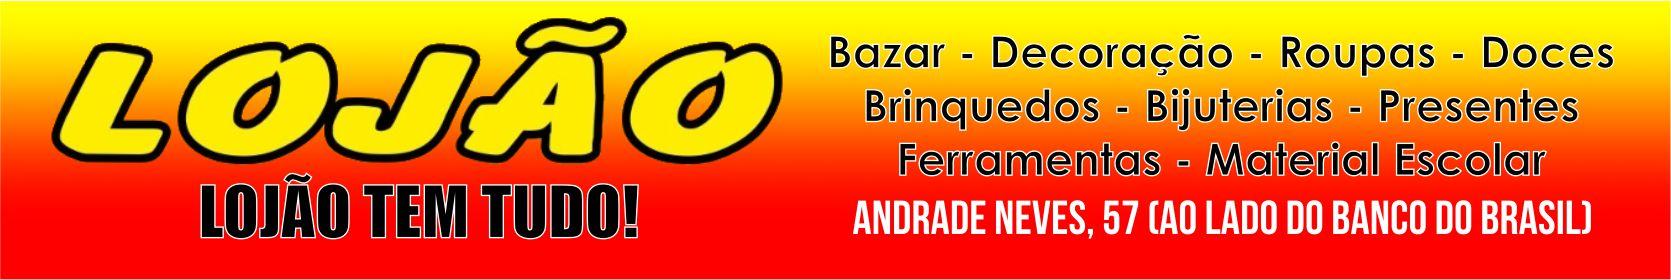 Venha conhecer o Lojão São Gabriel na Praça Fernando Abbott